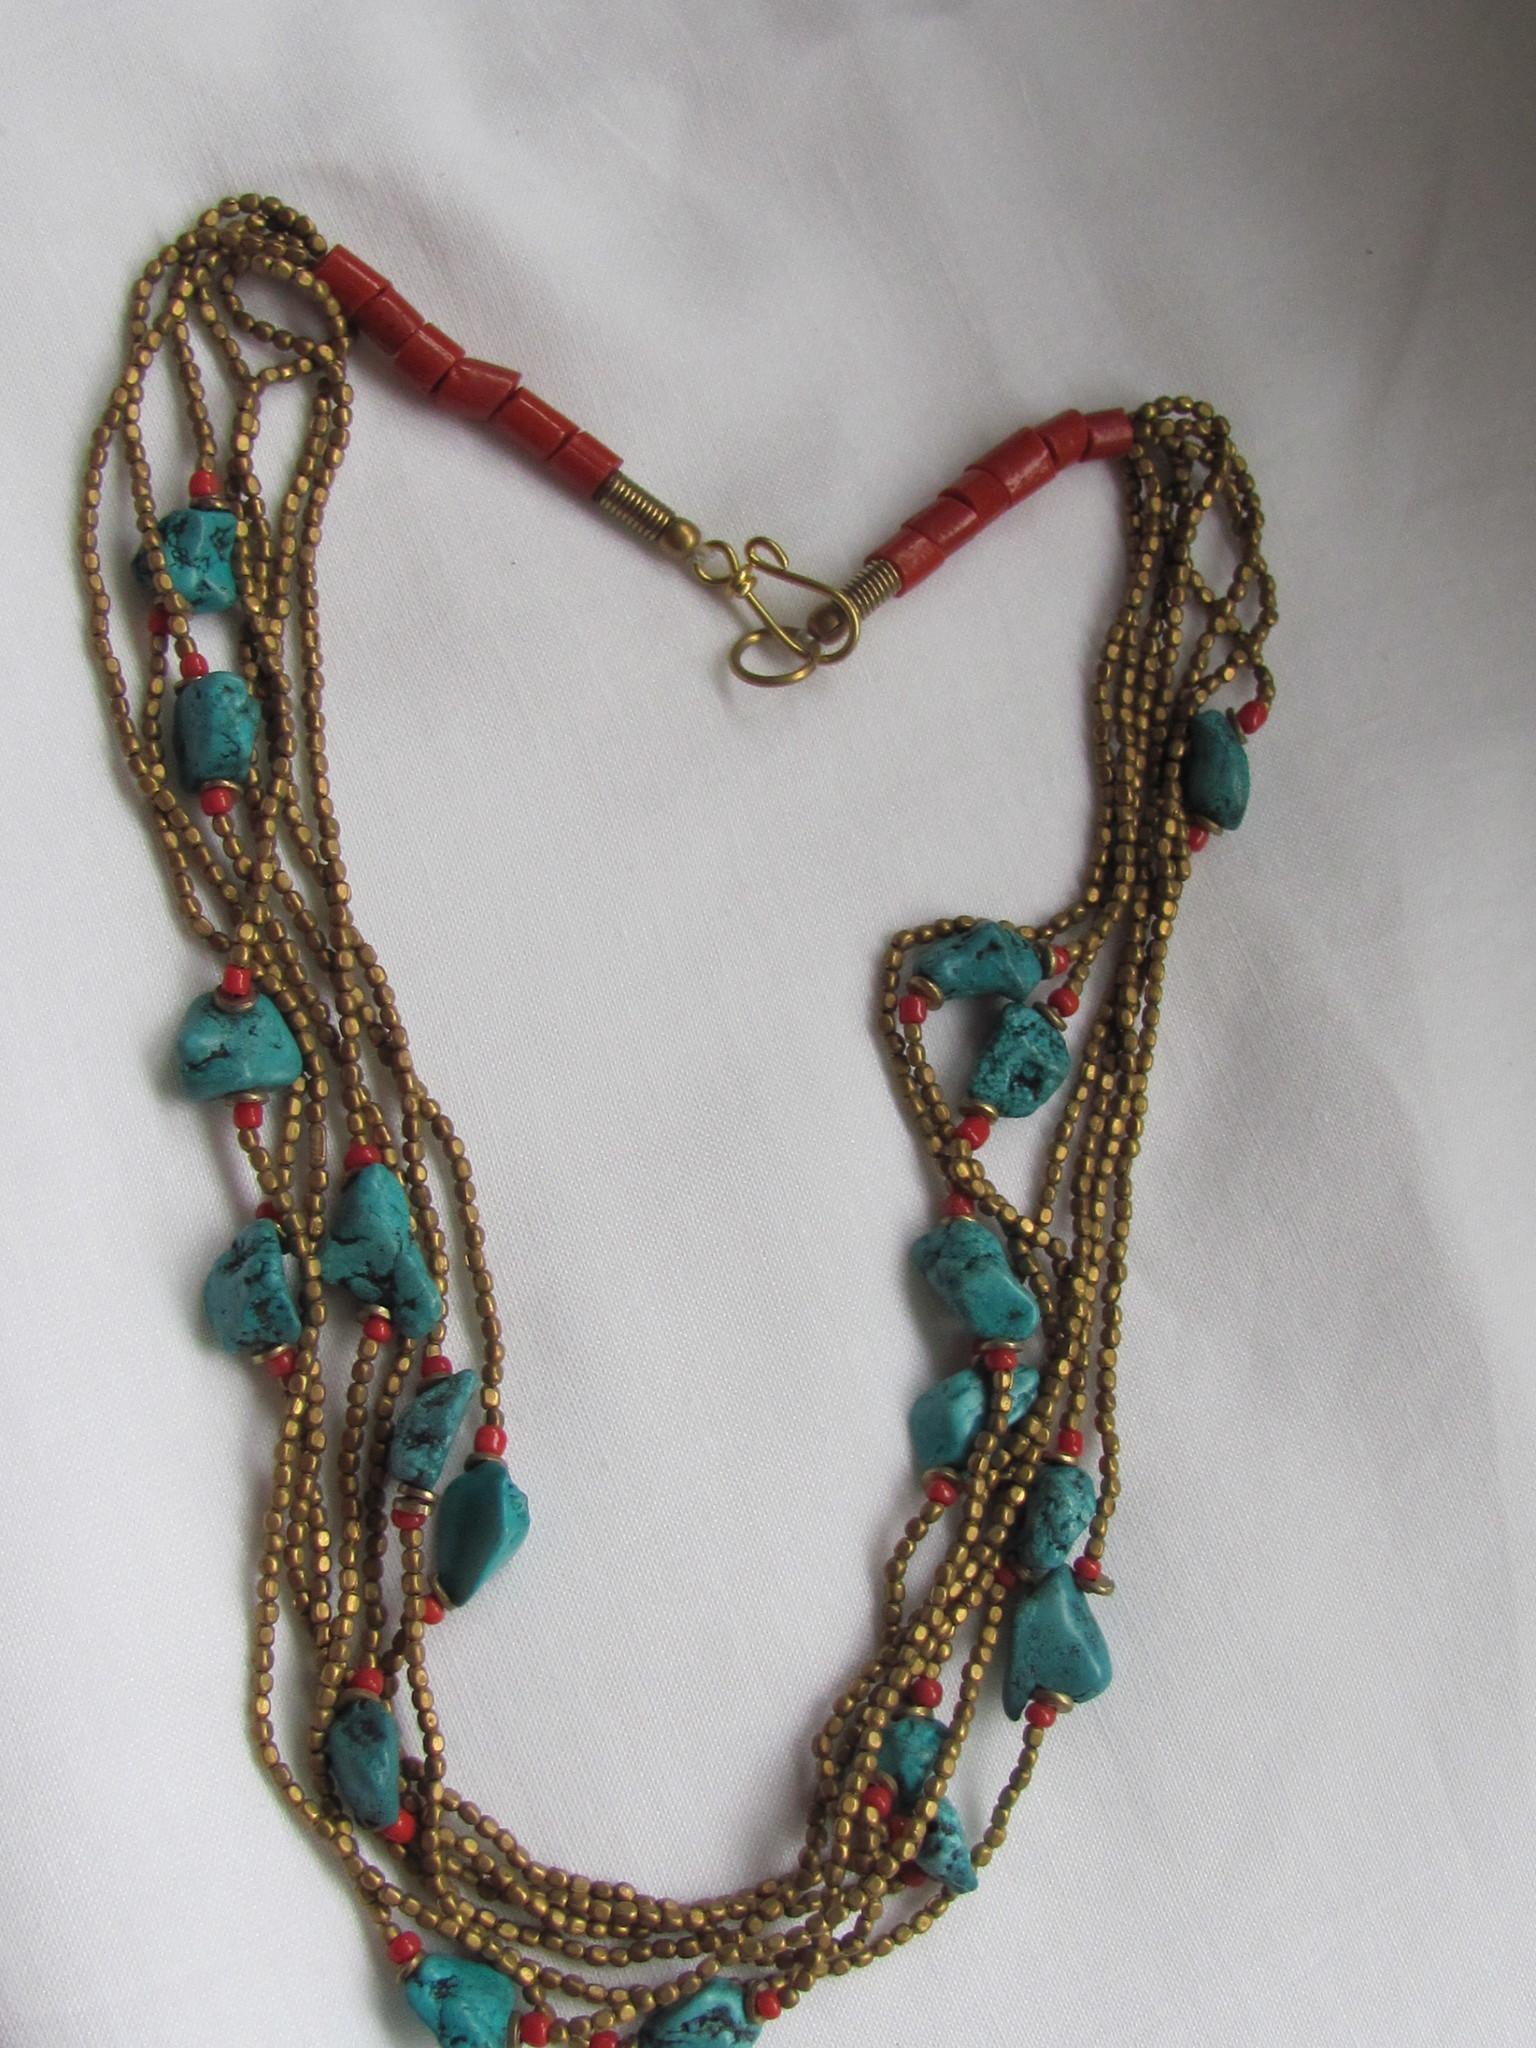 Halsketting van messing met namaak turkoois en  koraal